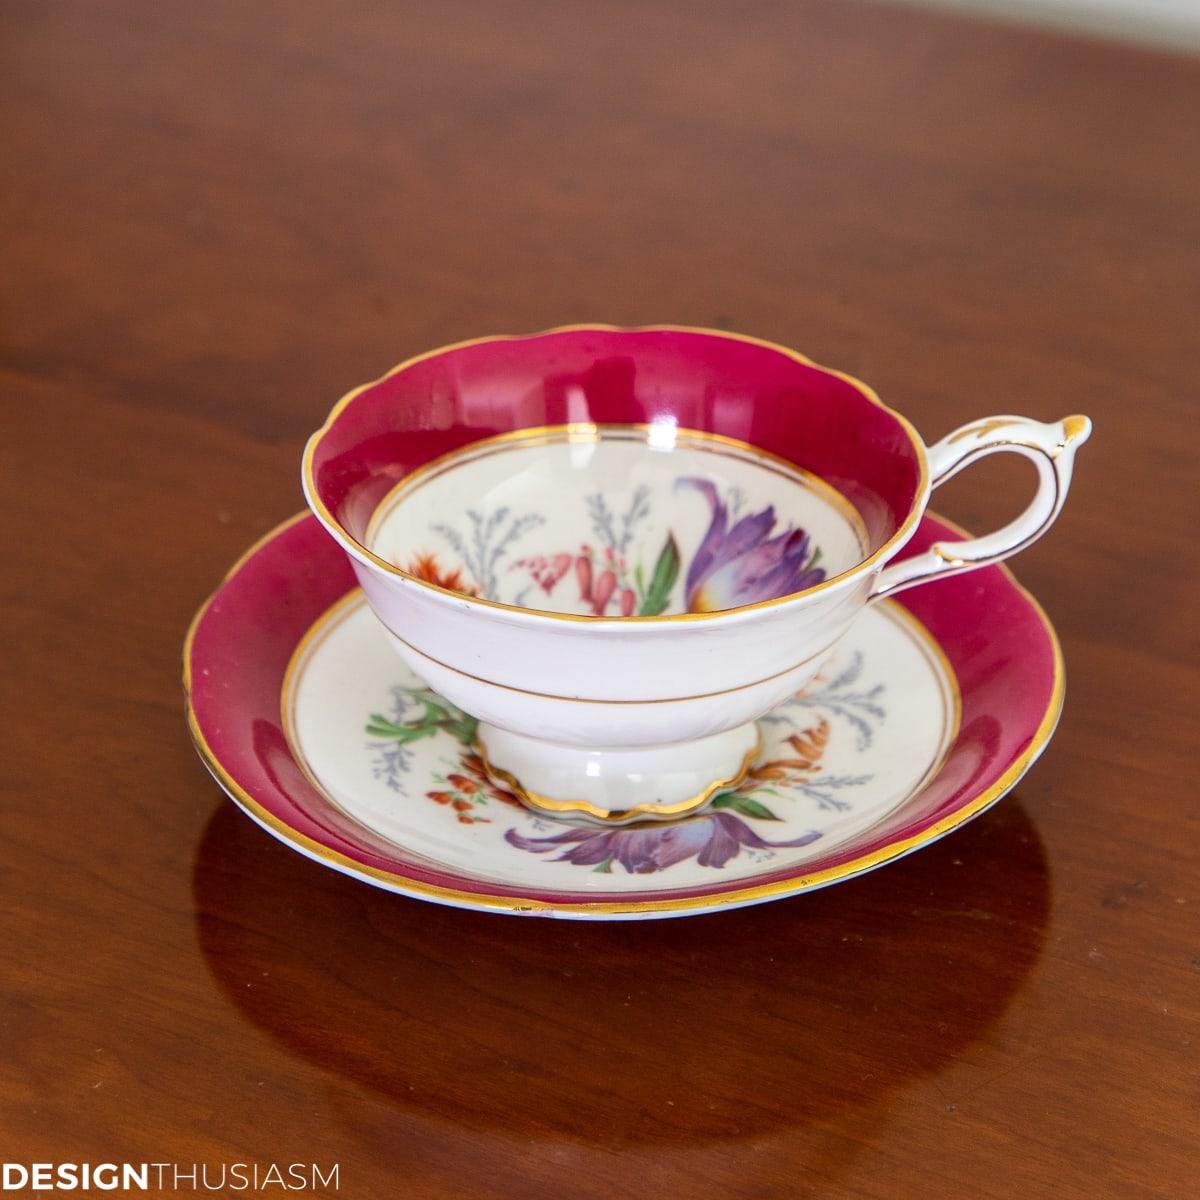 Teacup giveaway